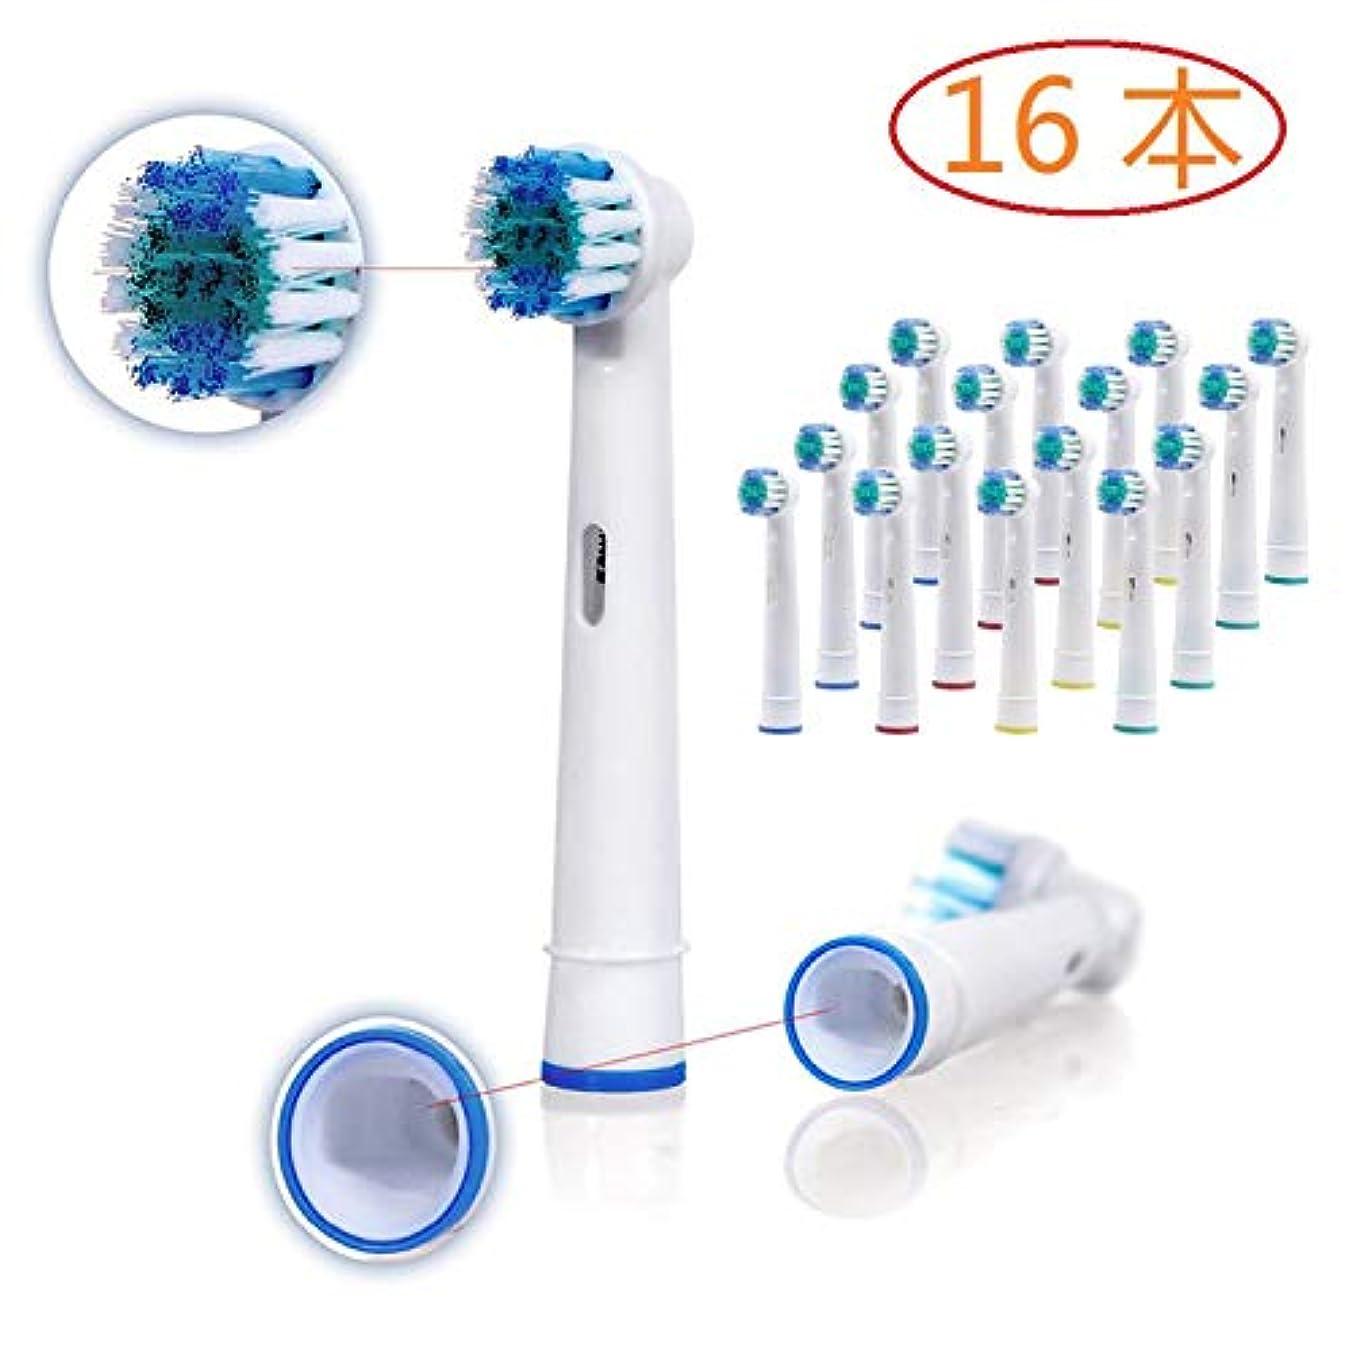 夜明けに忘れられないさせる電動歯ブラシ 替えブラシブラウン オーラルB 対応 替えブラシ 16本 (白)